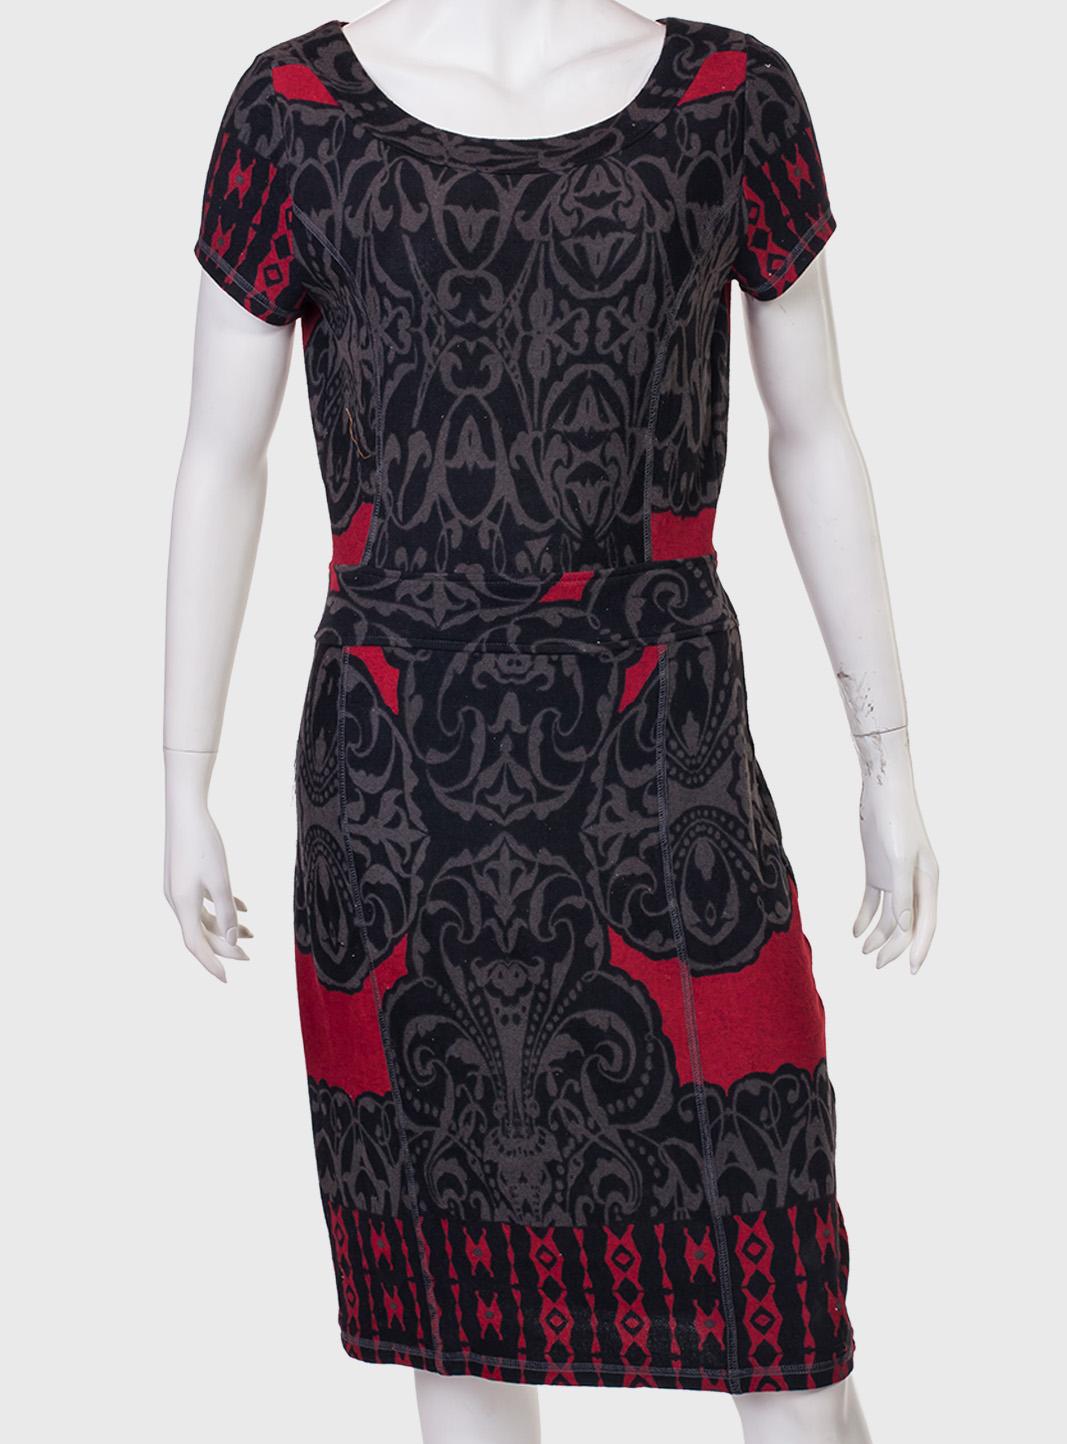 КУпить женственное облегающее платье от бренда Longbao